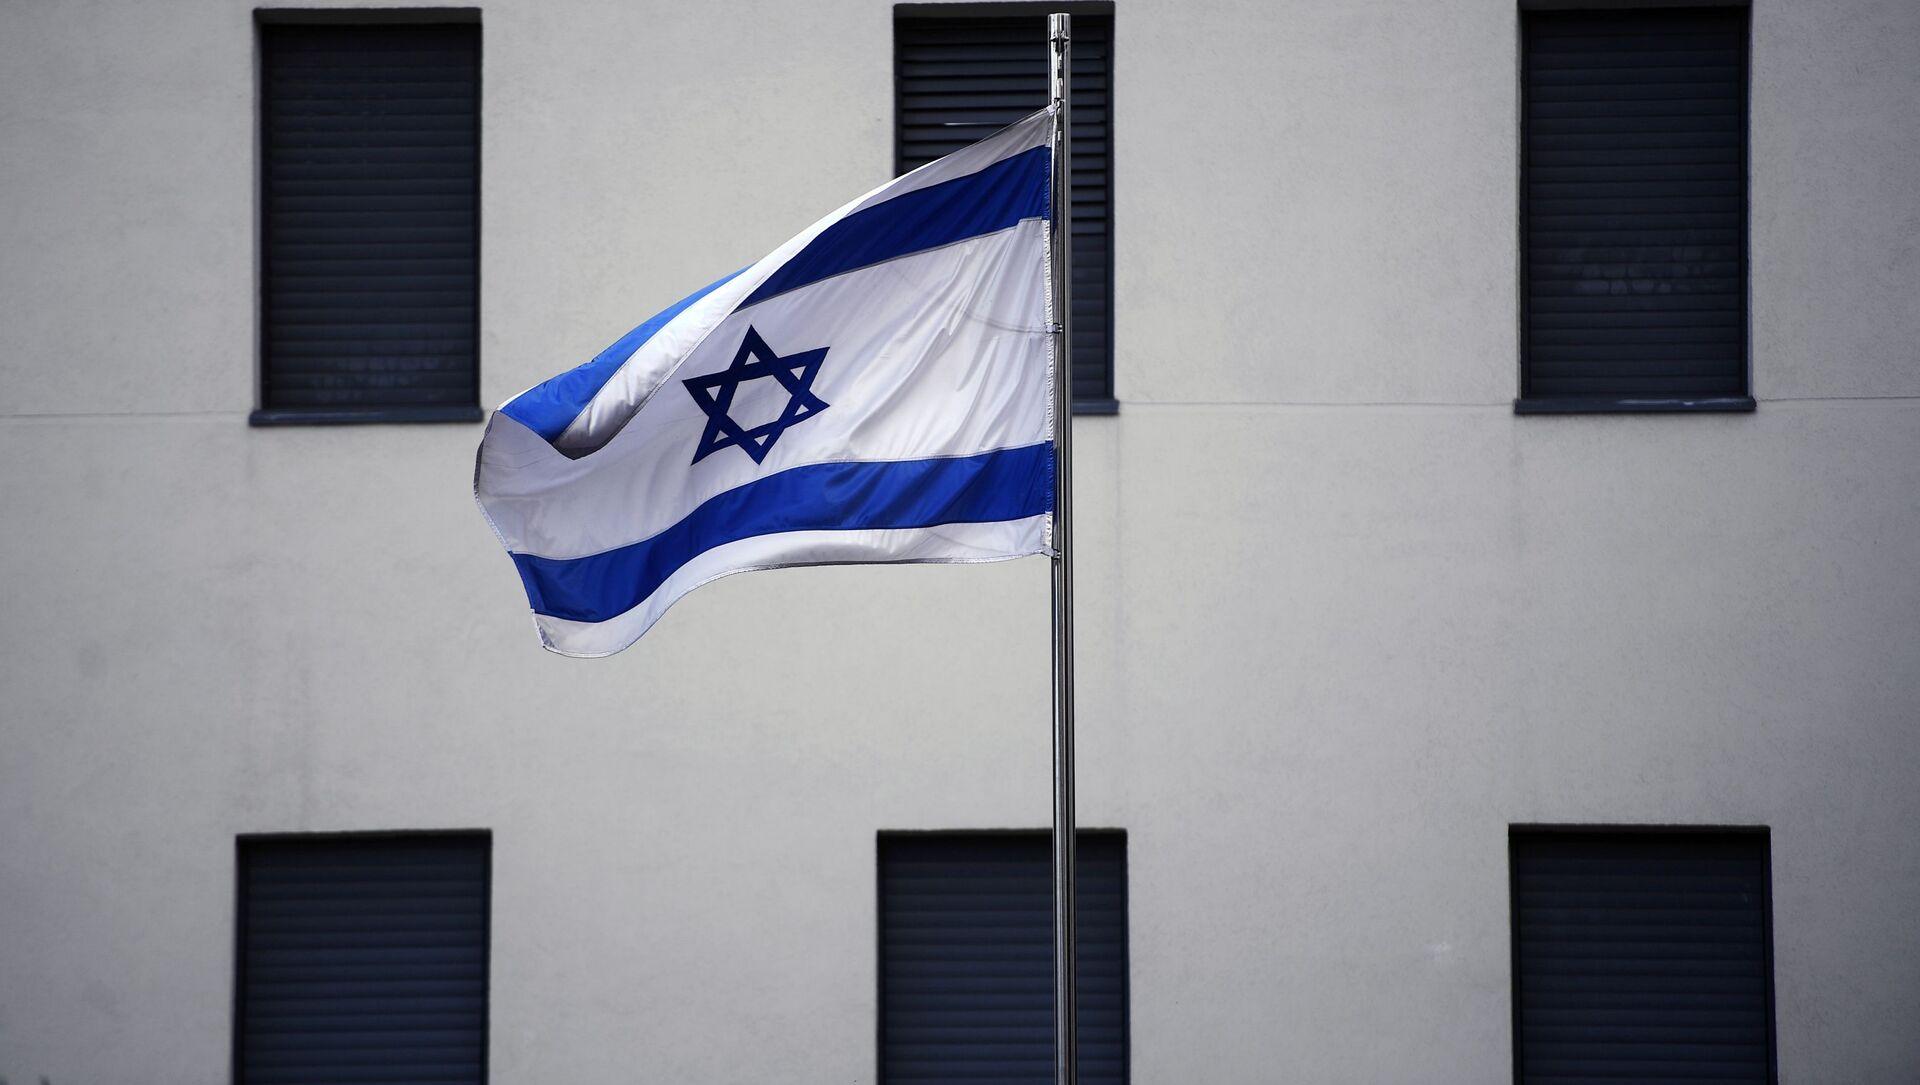 Bandiera Israele - Sputnik Italia, 1920, 27.02.2021